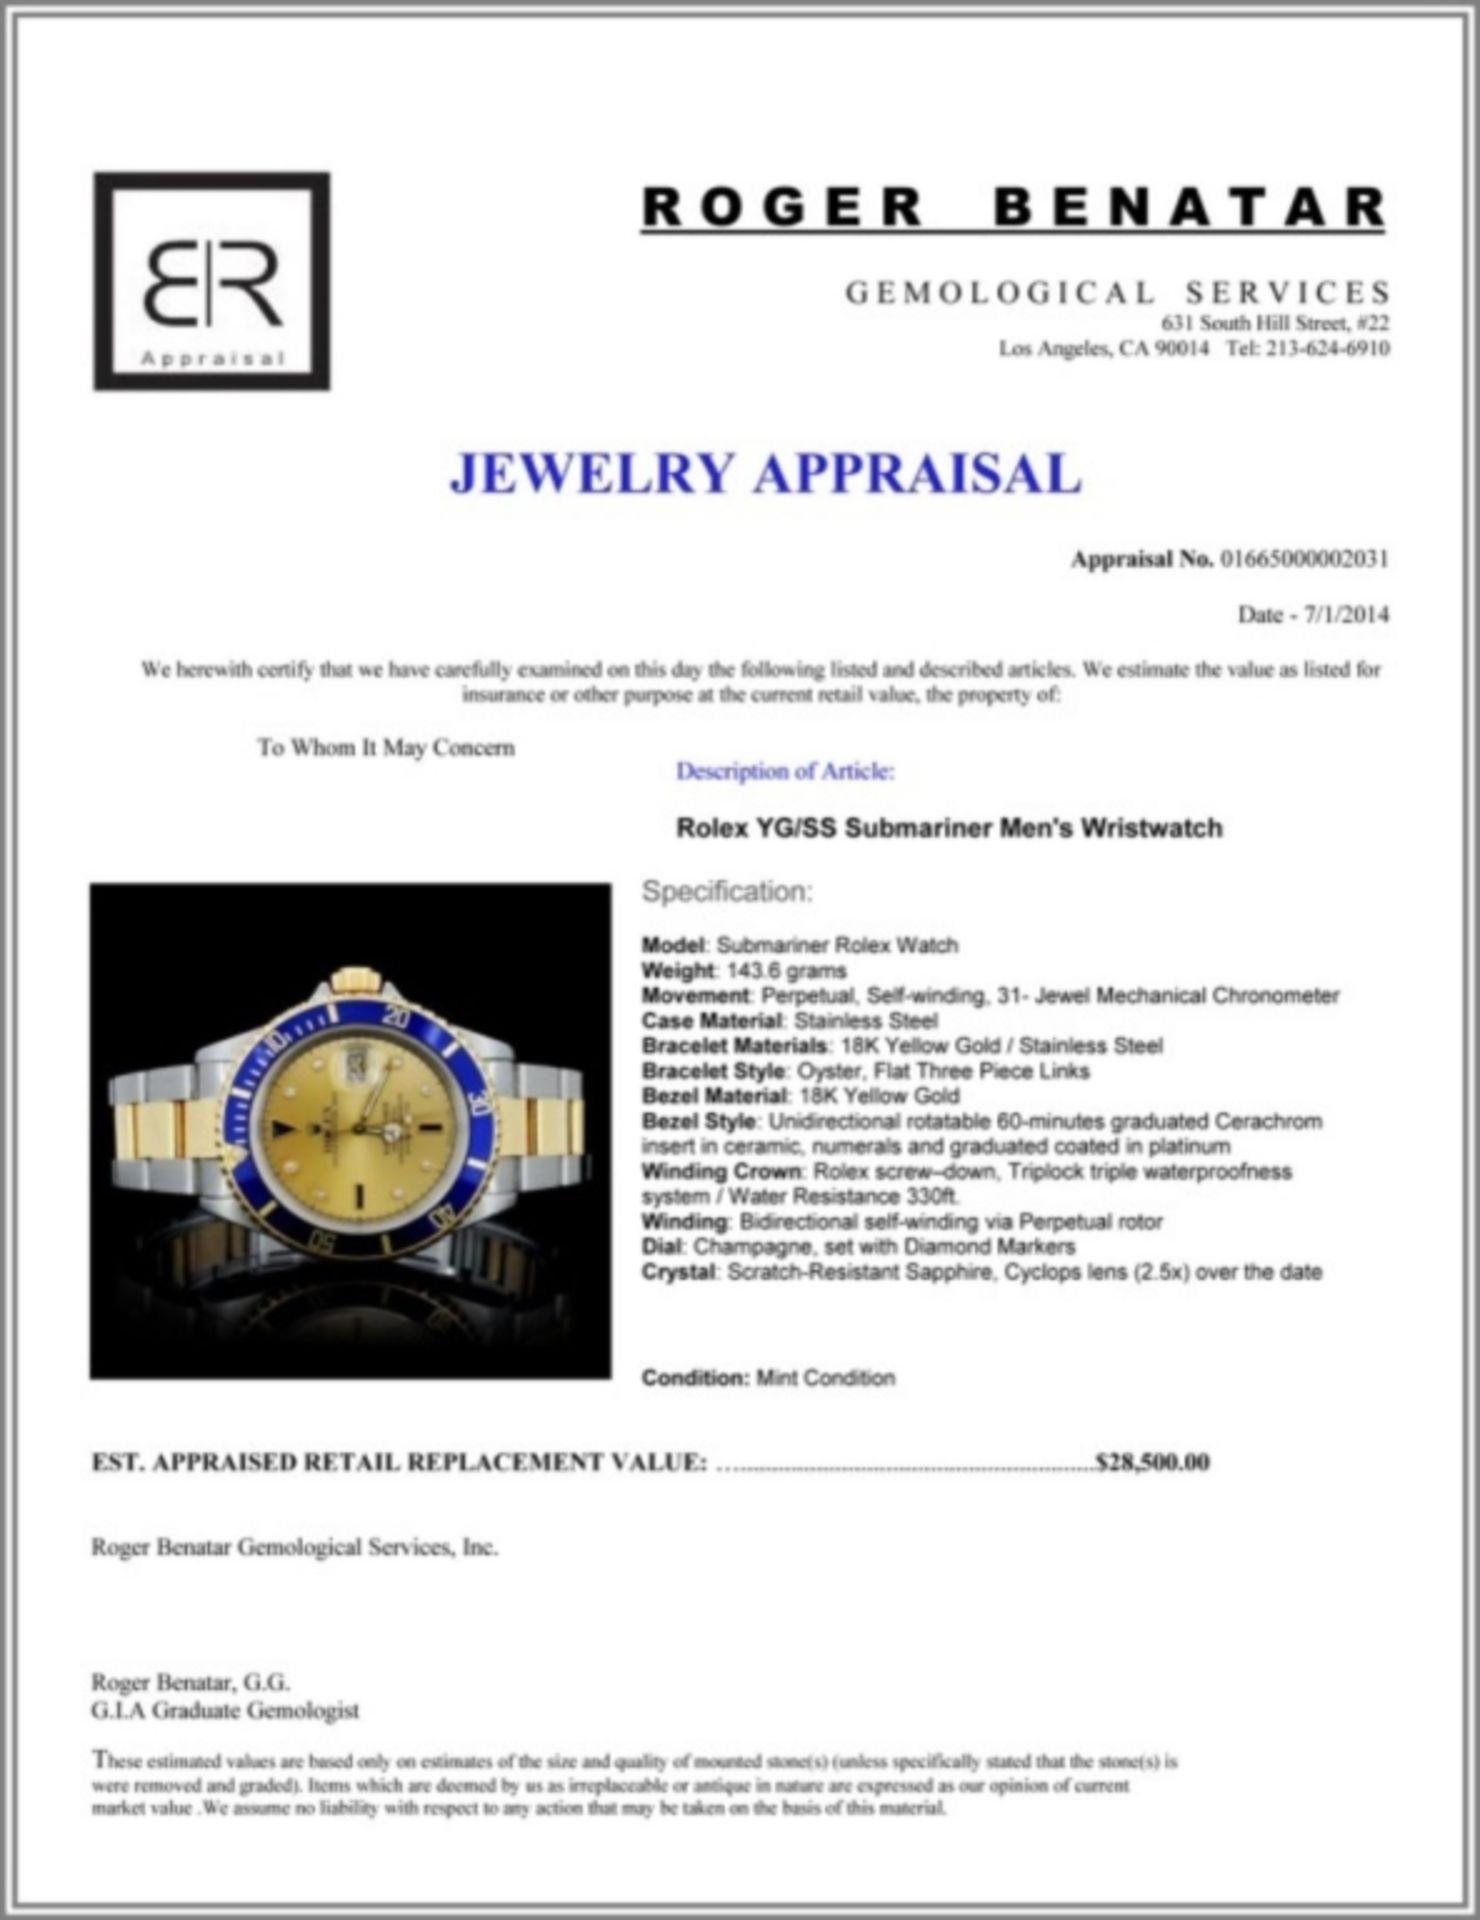 Rolex YG/SS Submariner Men's Wristwatch - Image 5 of 6